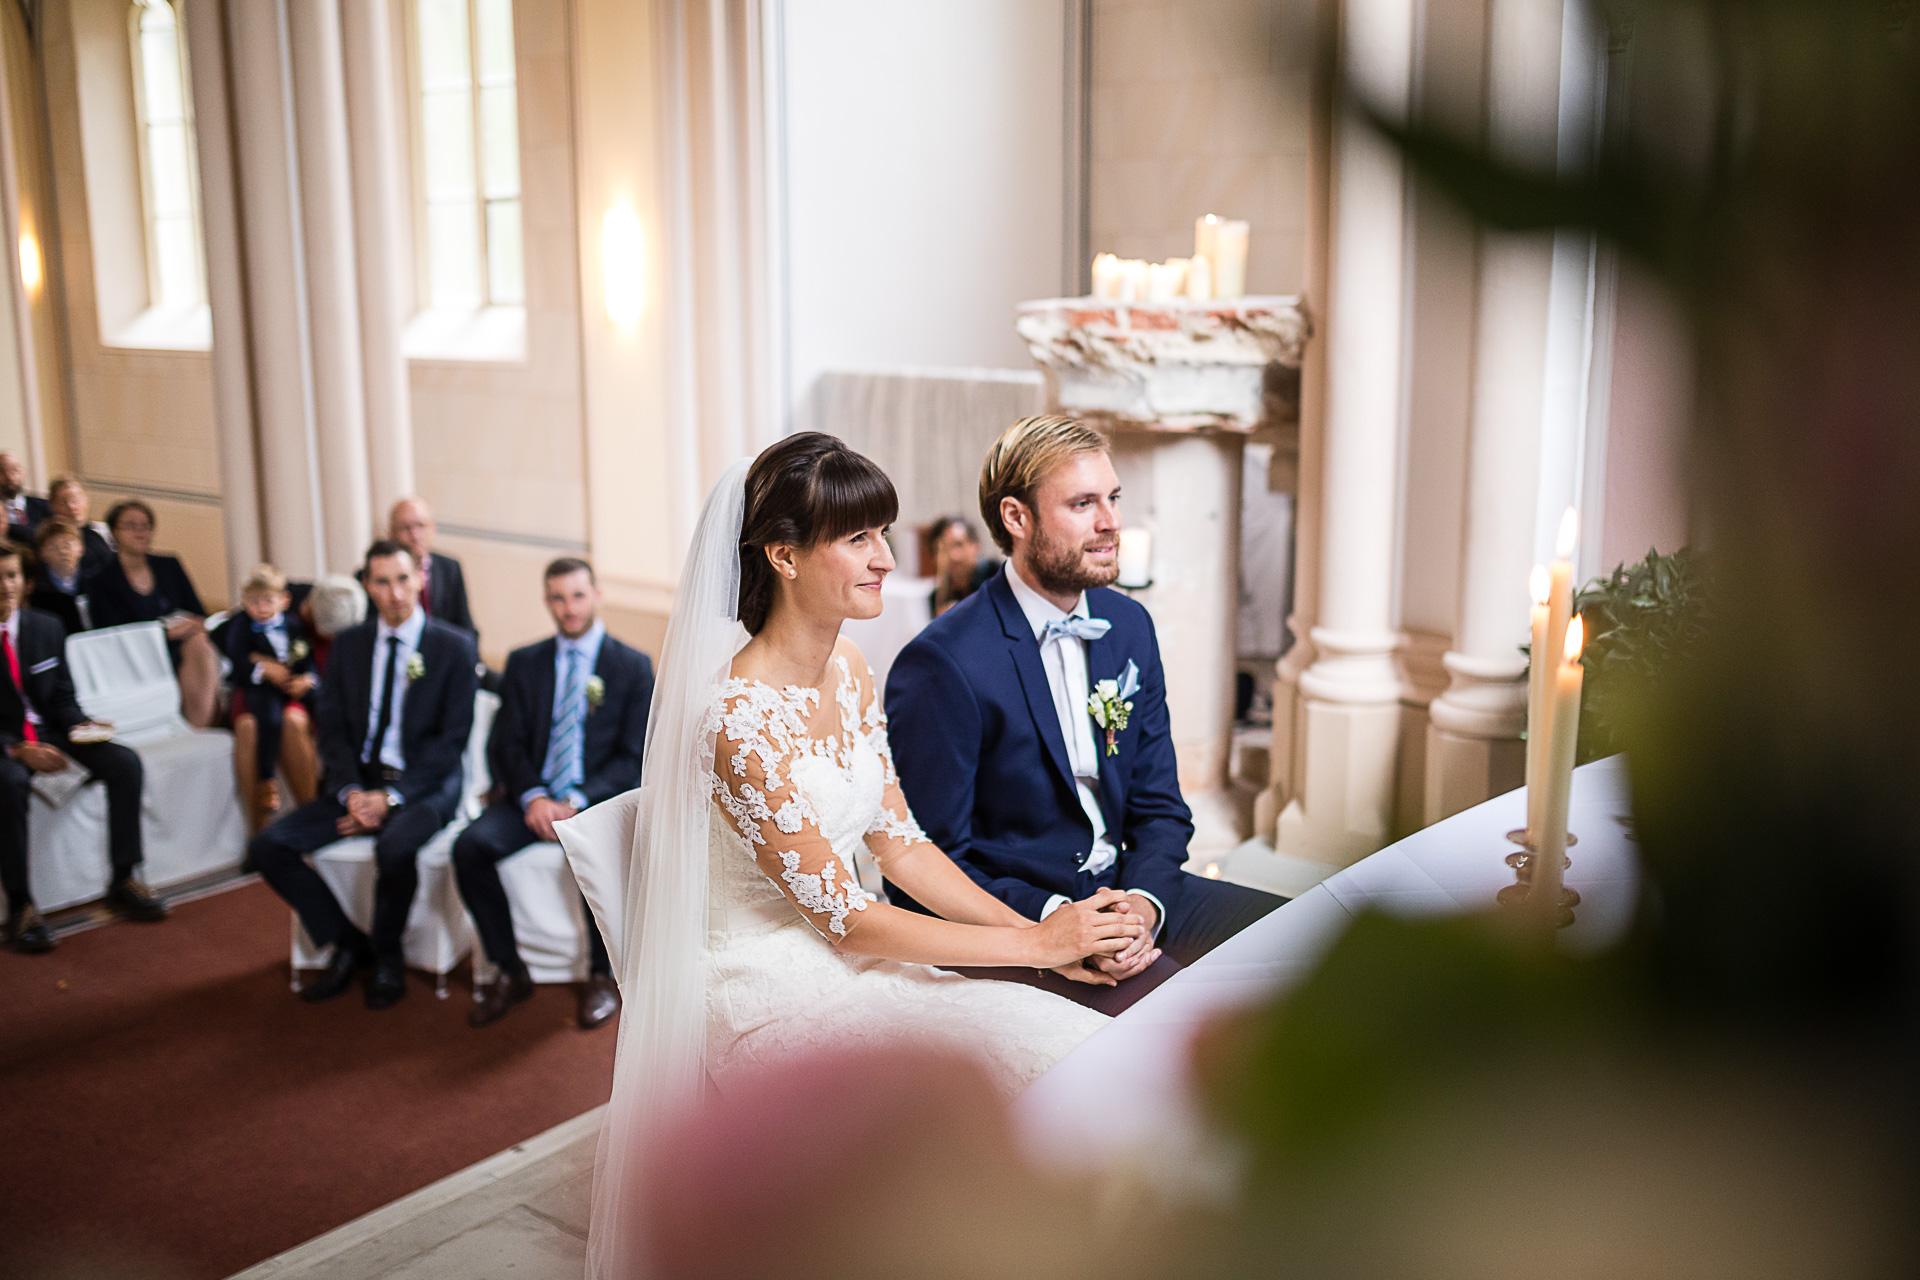 Hochzeit und Trauung im Schloss Kröchlendorff bei Prenzlau Hochzeitsfotograf